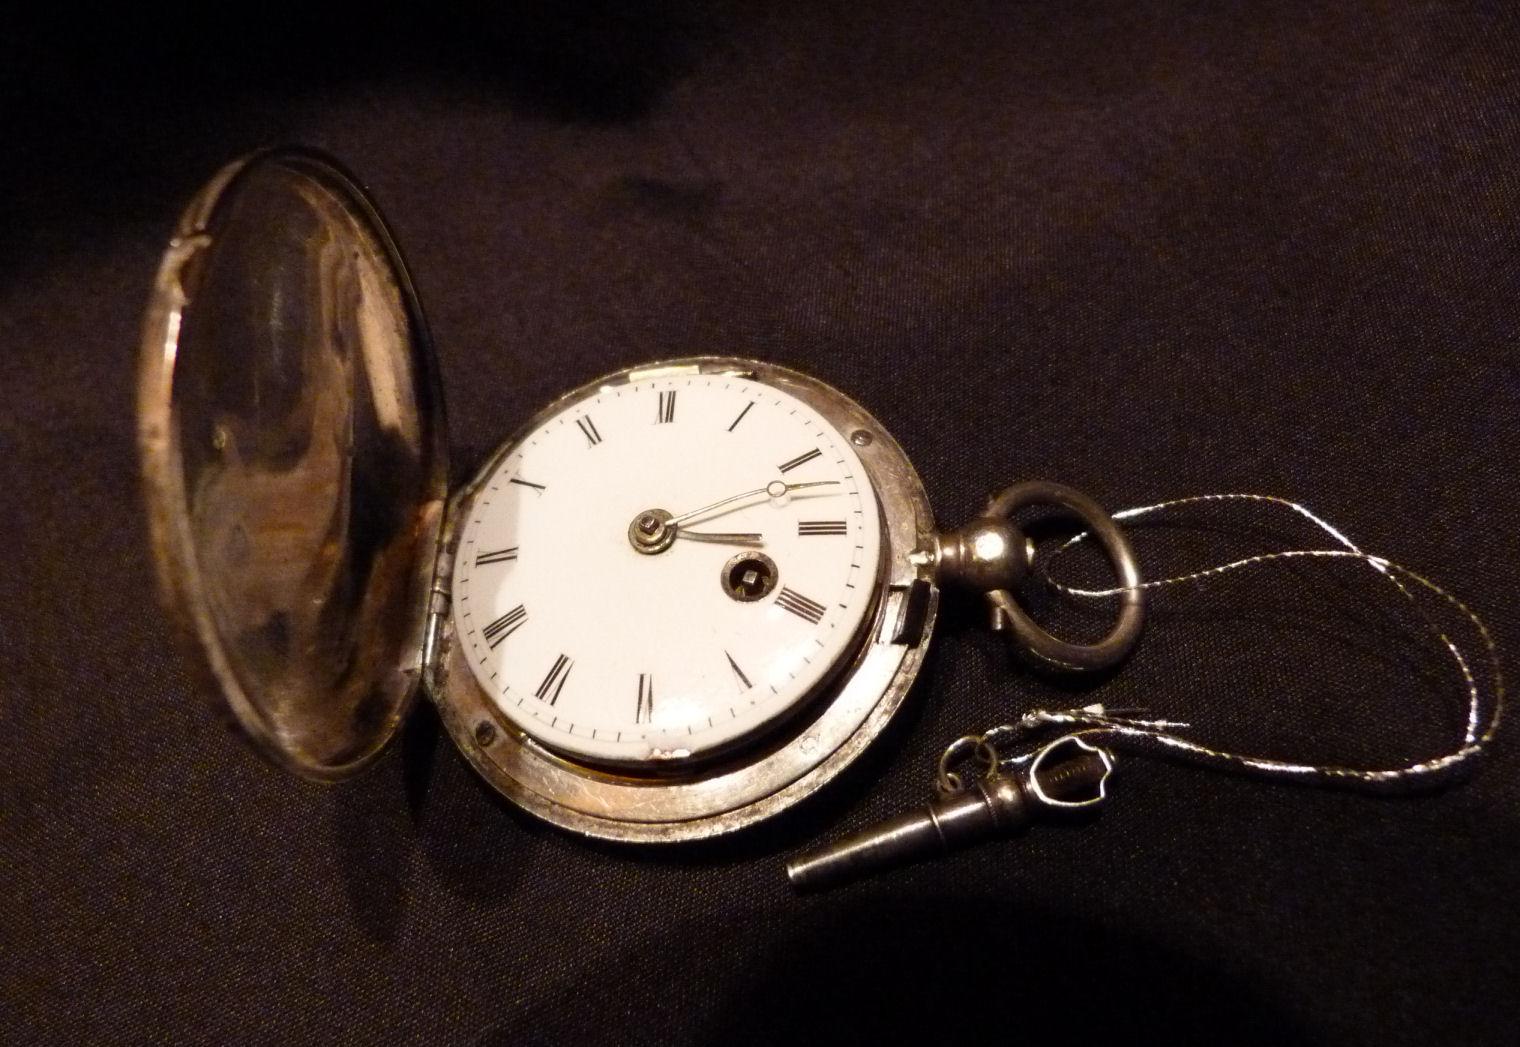 montres anciennes et de collection magnifique montre de gousset coq fin 18 me en argent. Black Bedroom Furniture Sets. Home Design Ideas